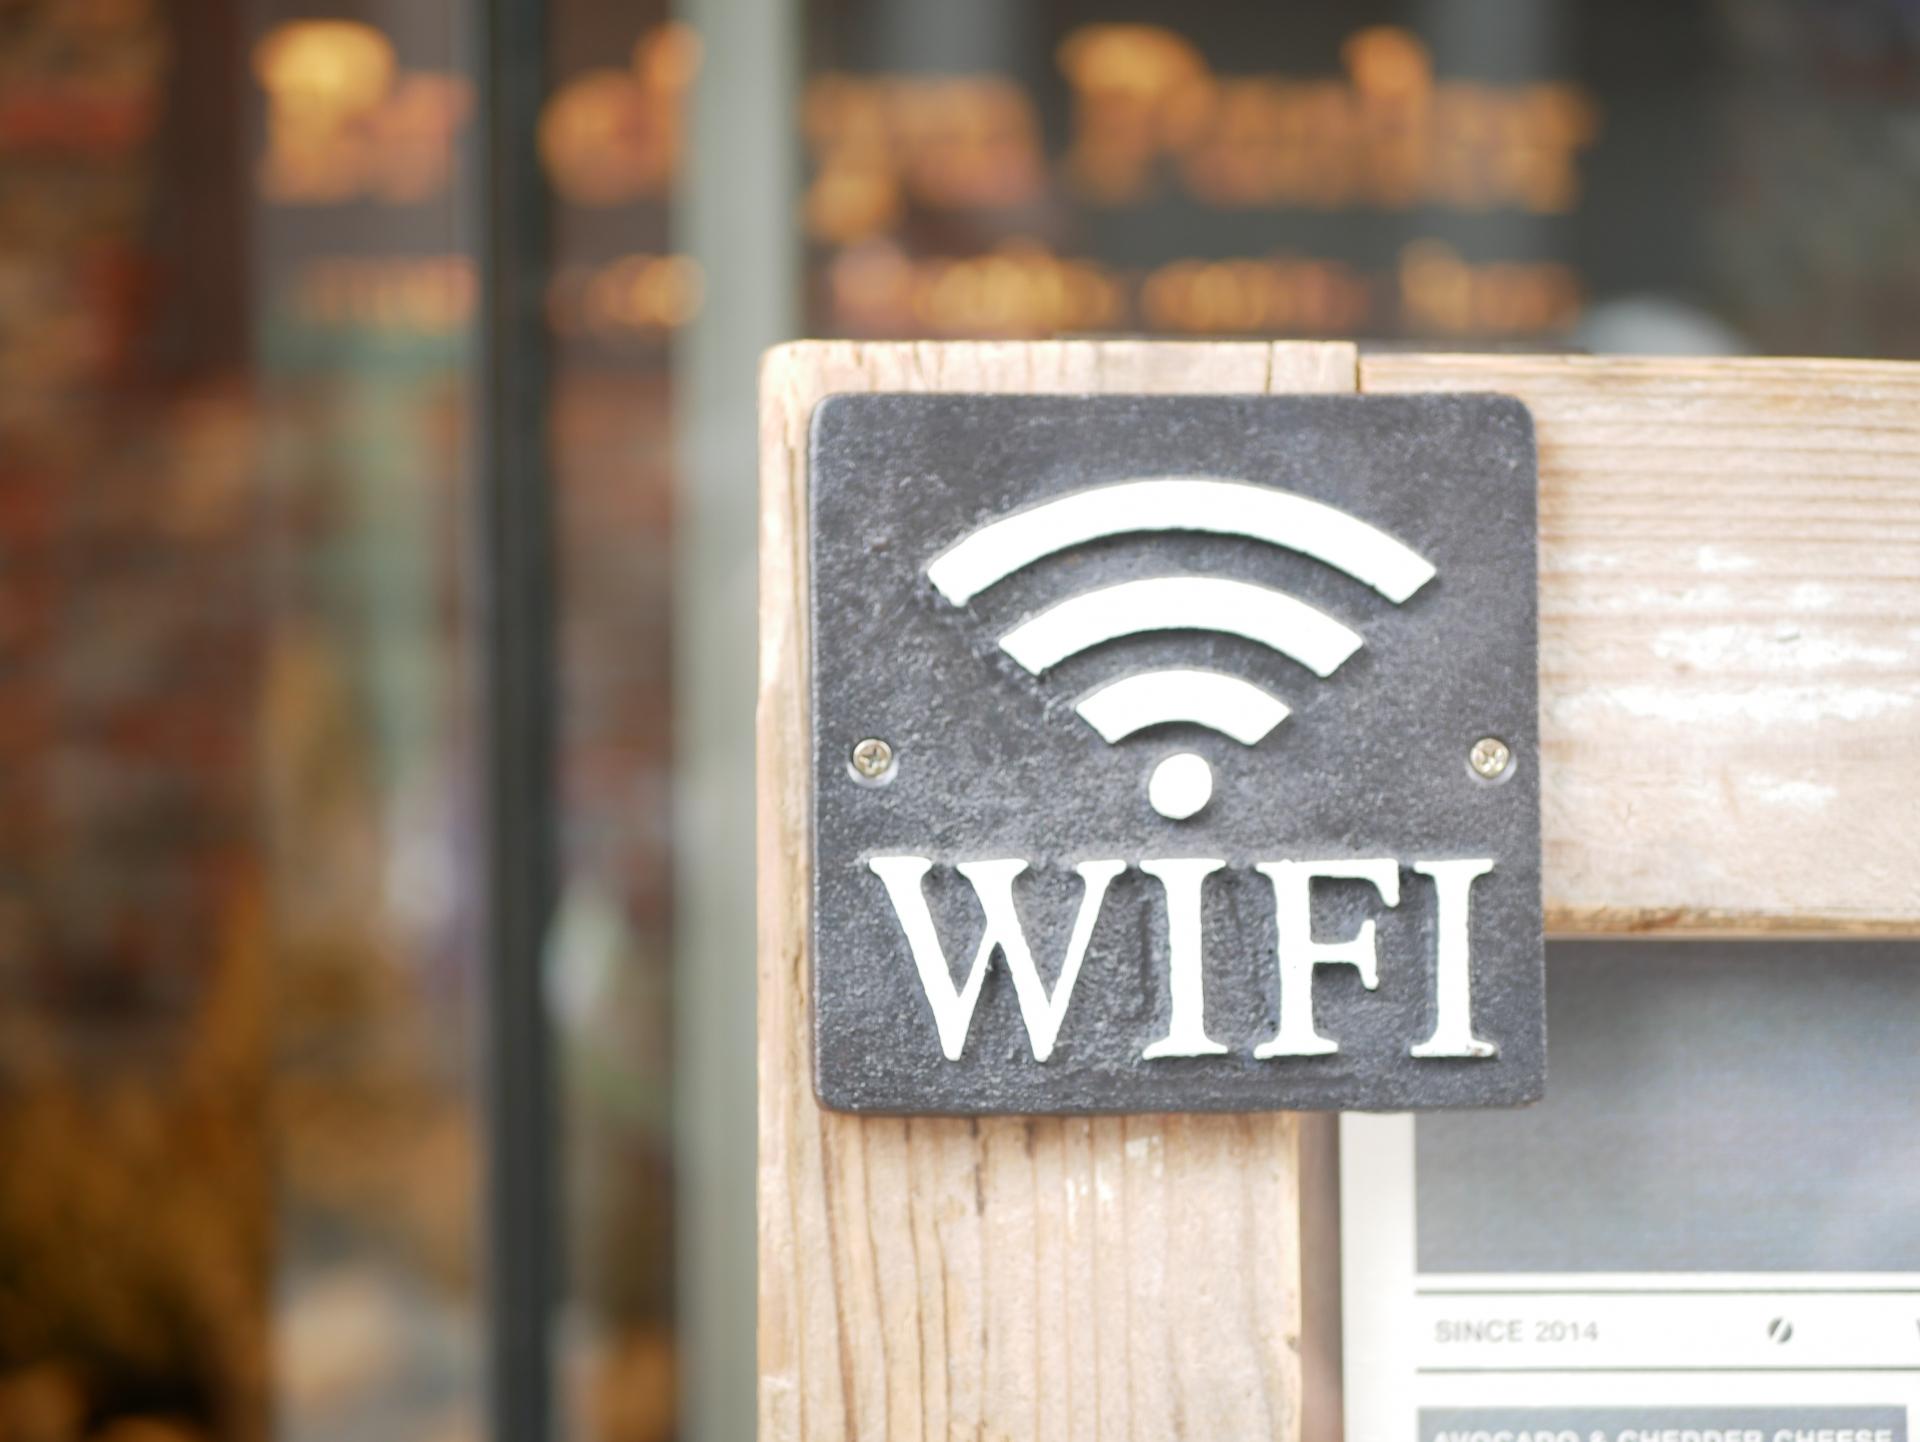 スマホやPCのWiFiが繋がらない原因は?確認すべきポイントと対処方法を解説